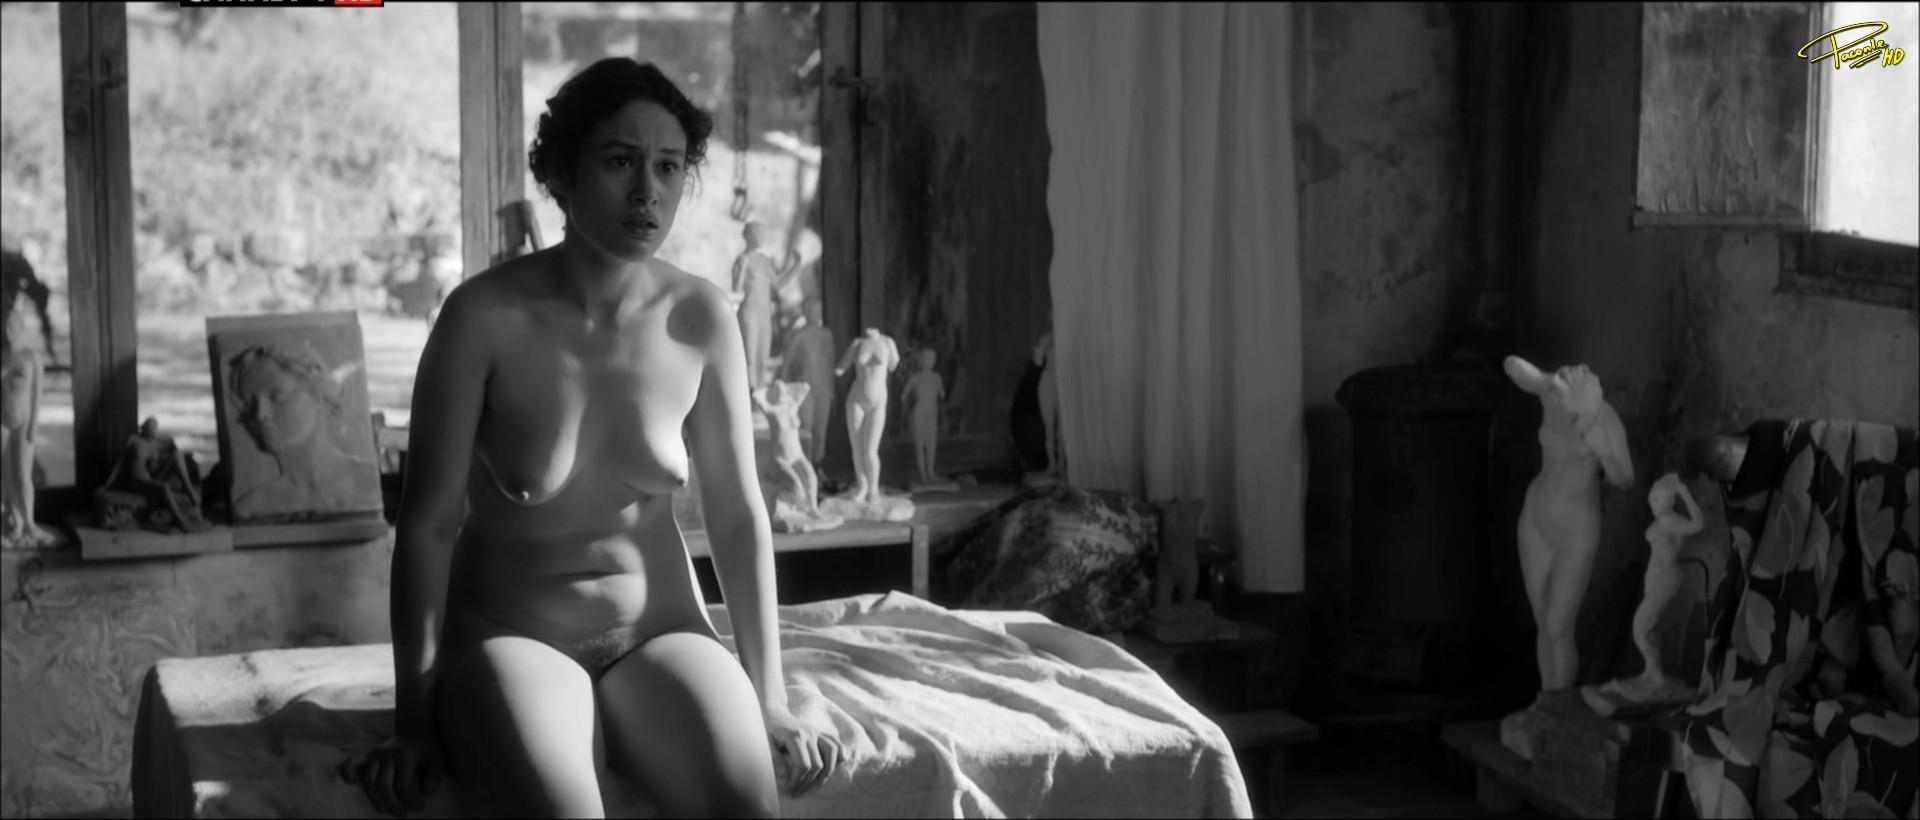 Aida folch nude fin de curso - 1 part 7